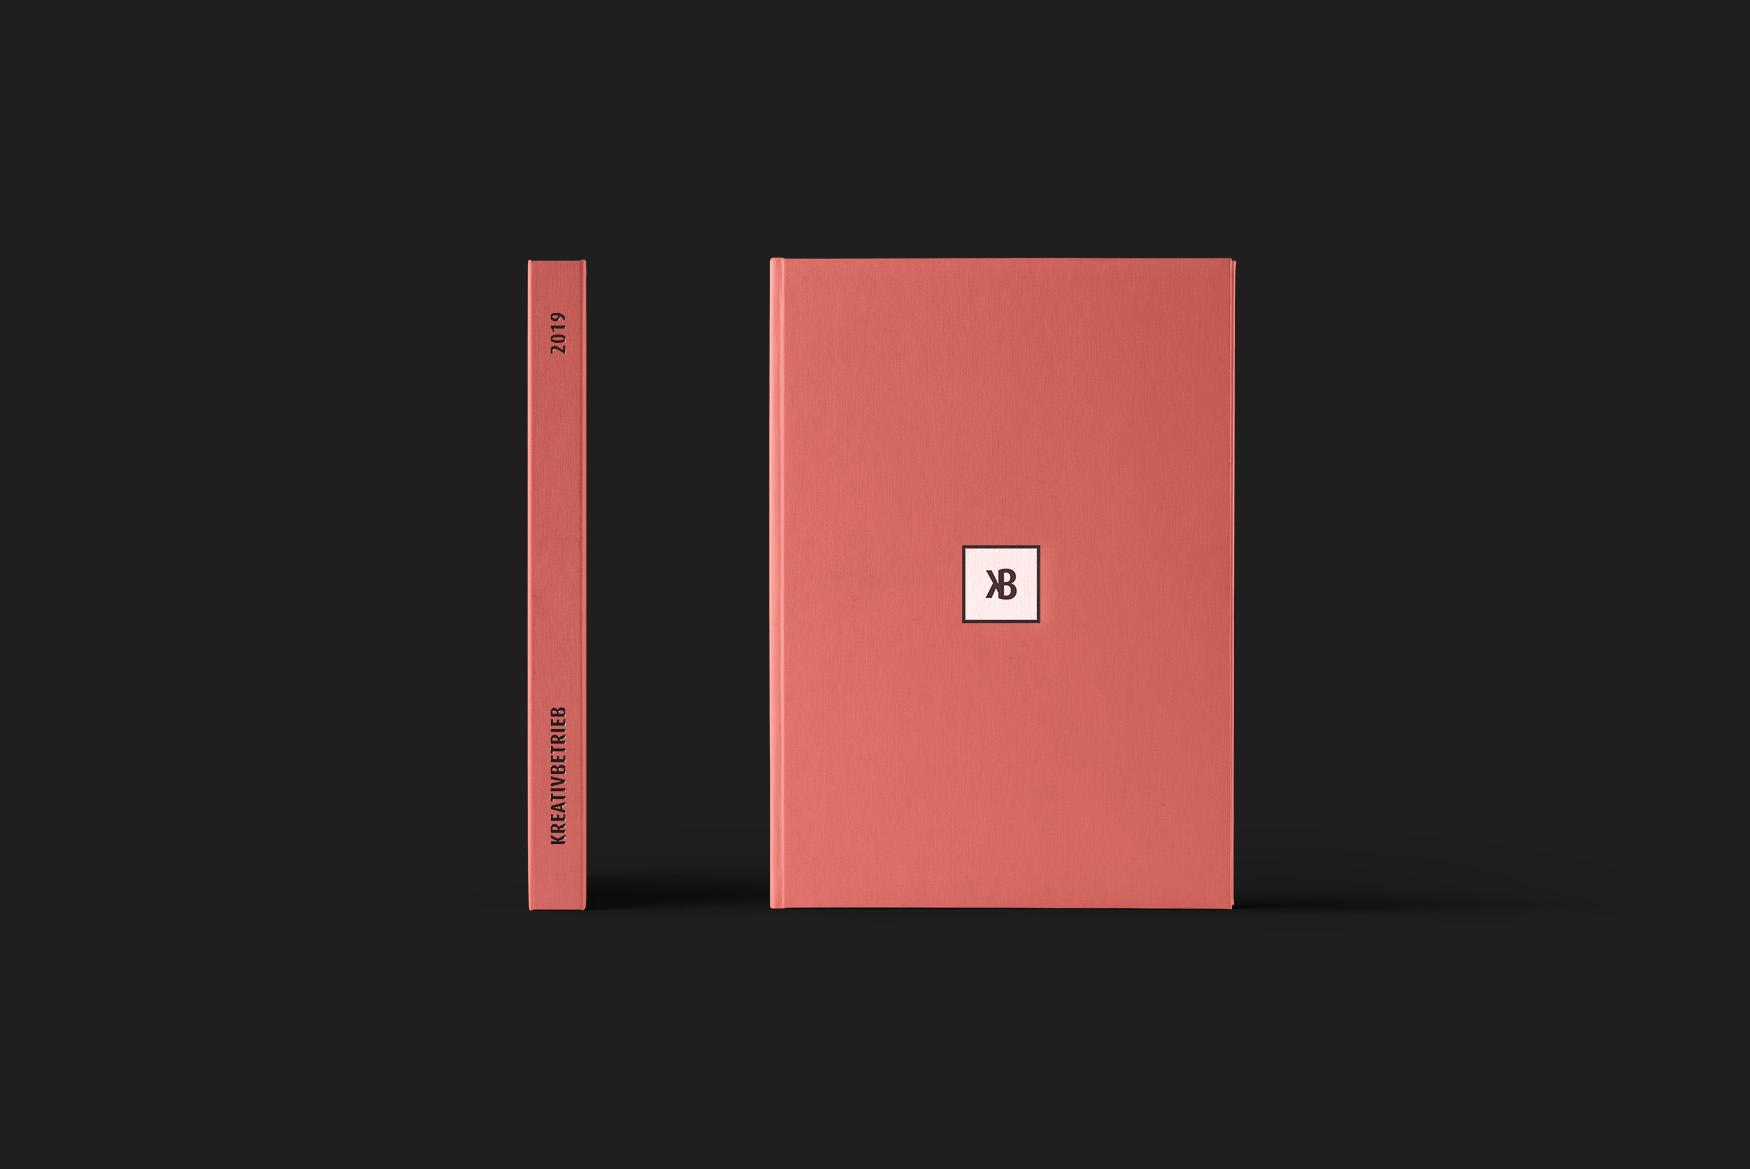 Kreativbetrieb-Designagentur-Stuttgart-Farbe-des-Jahres-Notizbuch